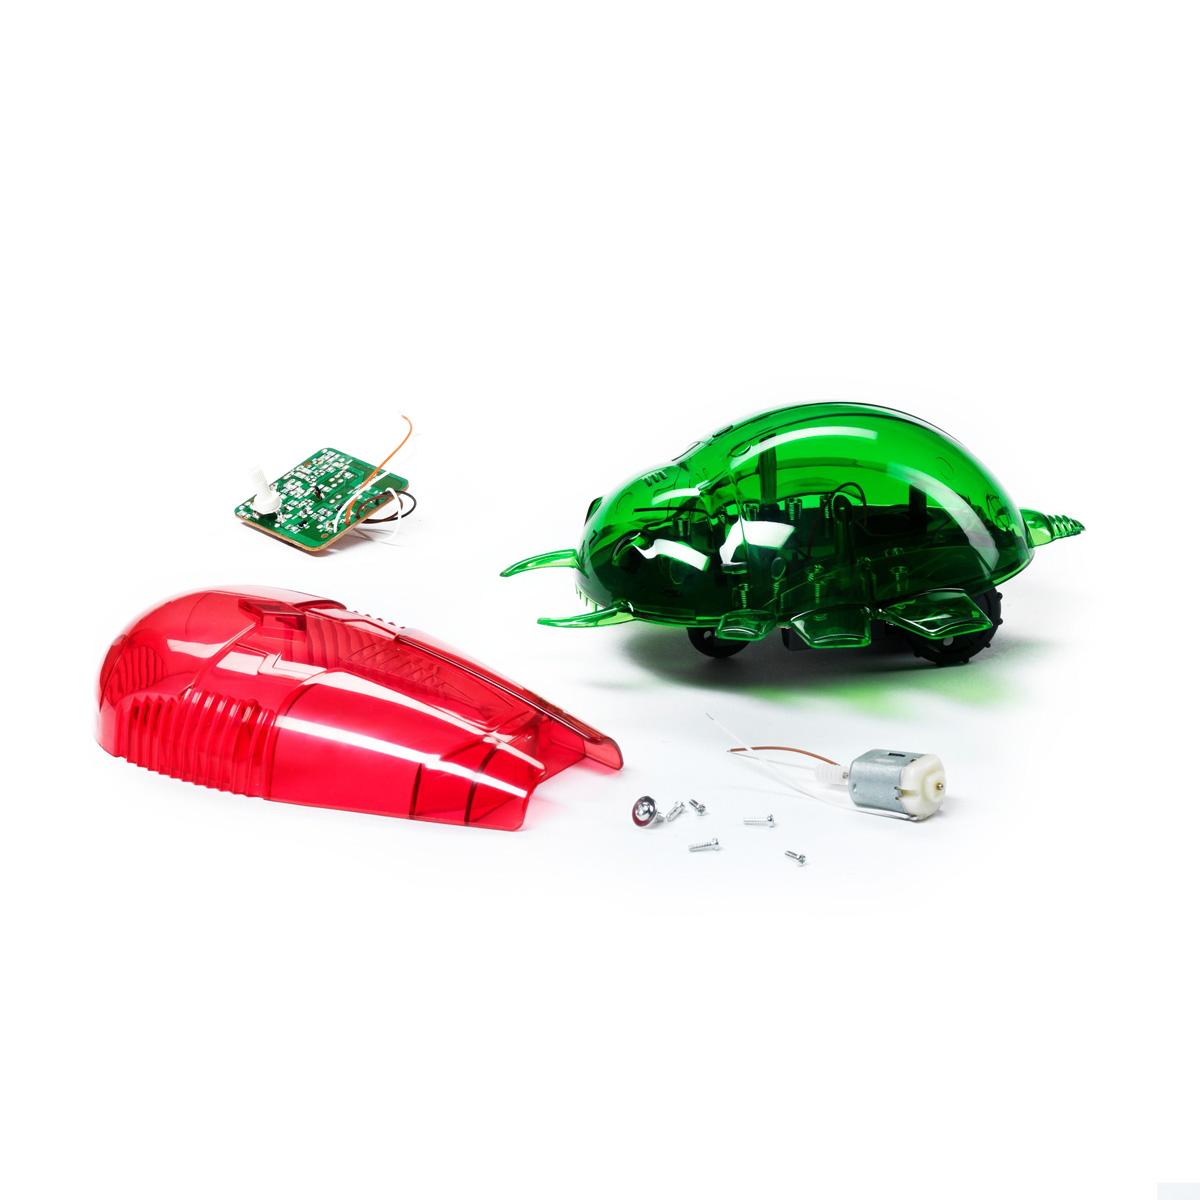 Научно-познавательный набор Bondibon РобототехникаВВ0992Удивить друзей, управляя жуком-роботом при помощи пульта от телевизора или обычного фонарика? О таком ваш малыш даже не мечтал! С научно-познавательным набором «Робототехника» он подчинит себе сразу двух роботов, способных выполнять различные команды. Например, вовремя будить. Для управления ими достаточно пульта от телевизора или плеера, а также естественного света. Фонарик тоже подойдет. Набор помогает ребенку познать основы робототехники и узнать о том, что такое инфракрасный и световой сенсоры. Роботы управляются дистанционно на расстоянии до двух метров. О том, как и почему это происходит, рассказывает яркая понятная брошюра. Характеристики: Материал: пластик, металл. Размер упаковки: 26,9 см х 6 см х 24,3 см.